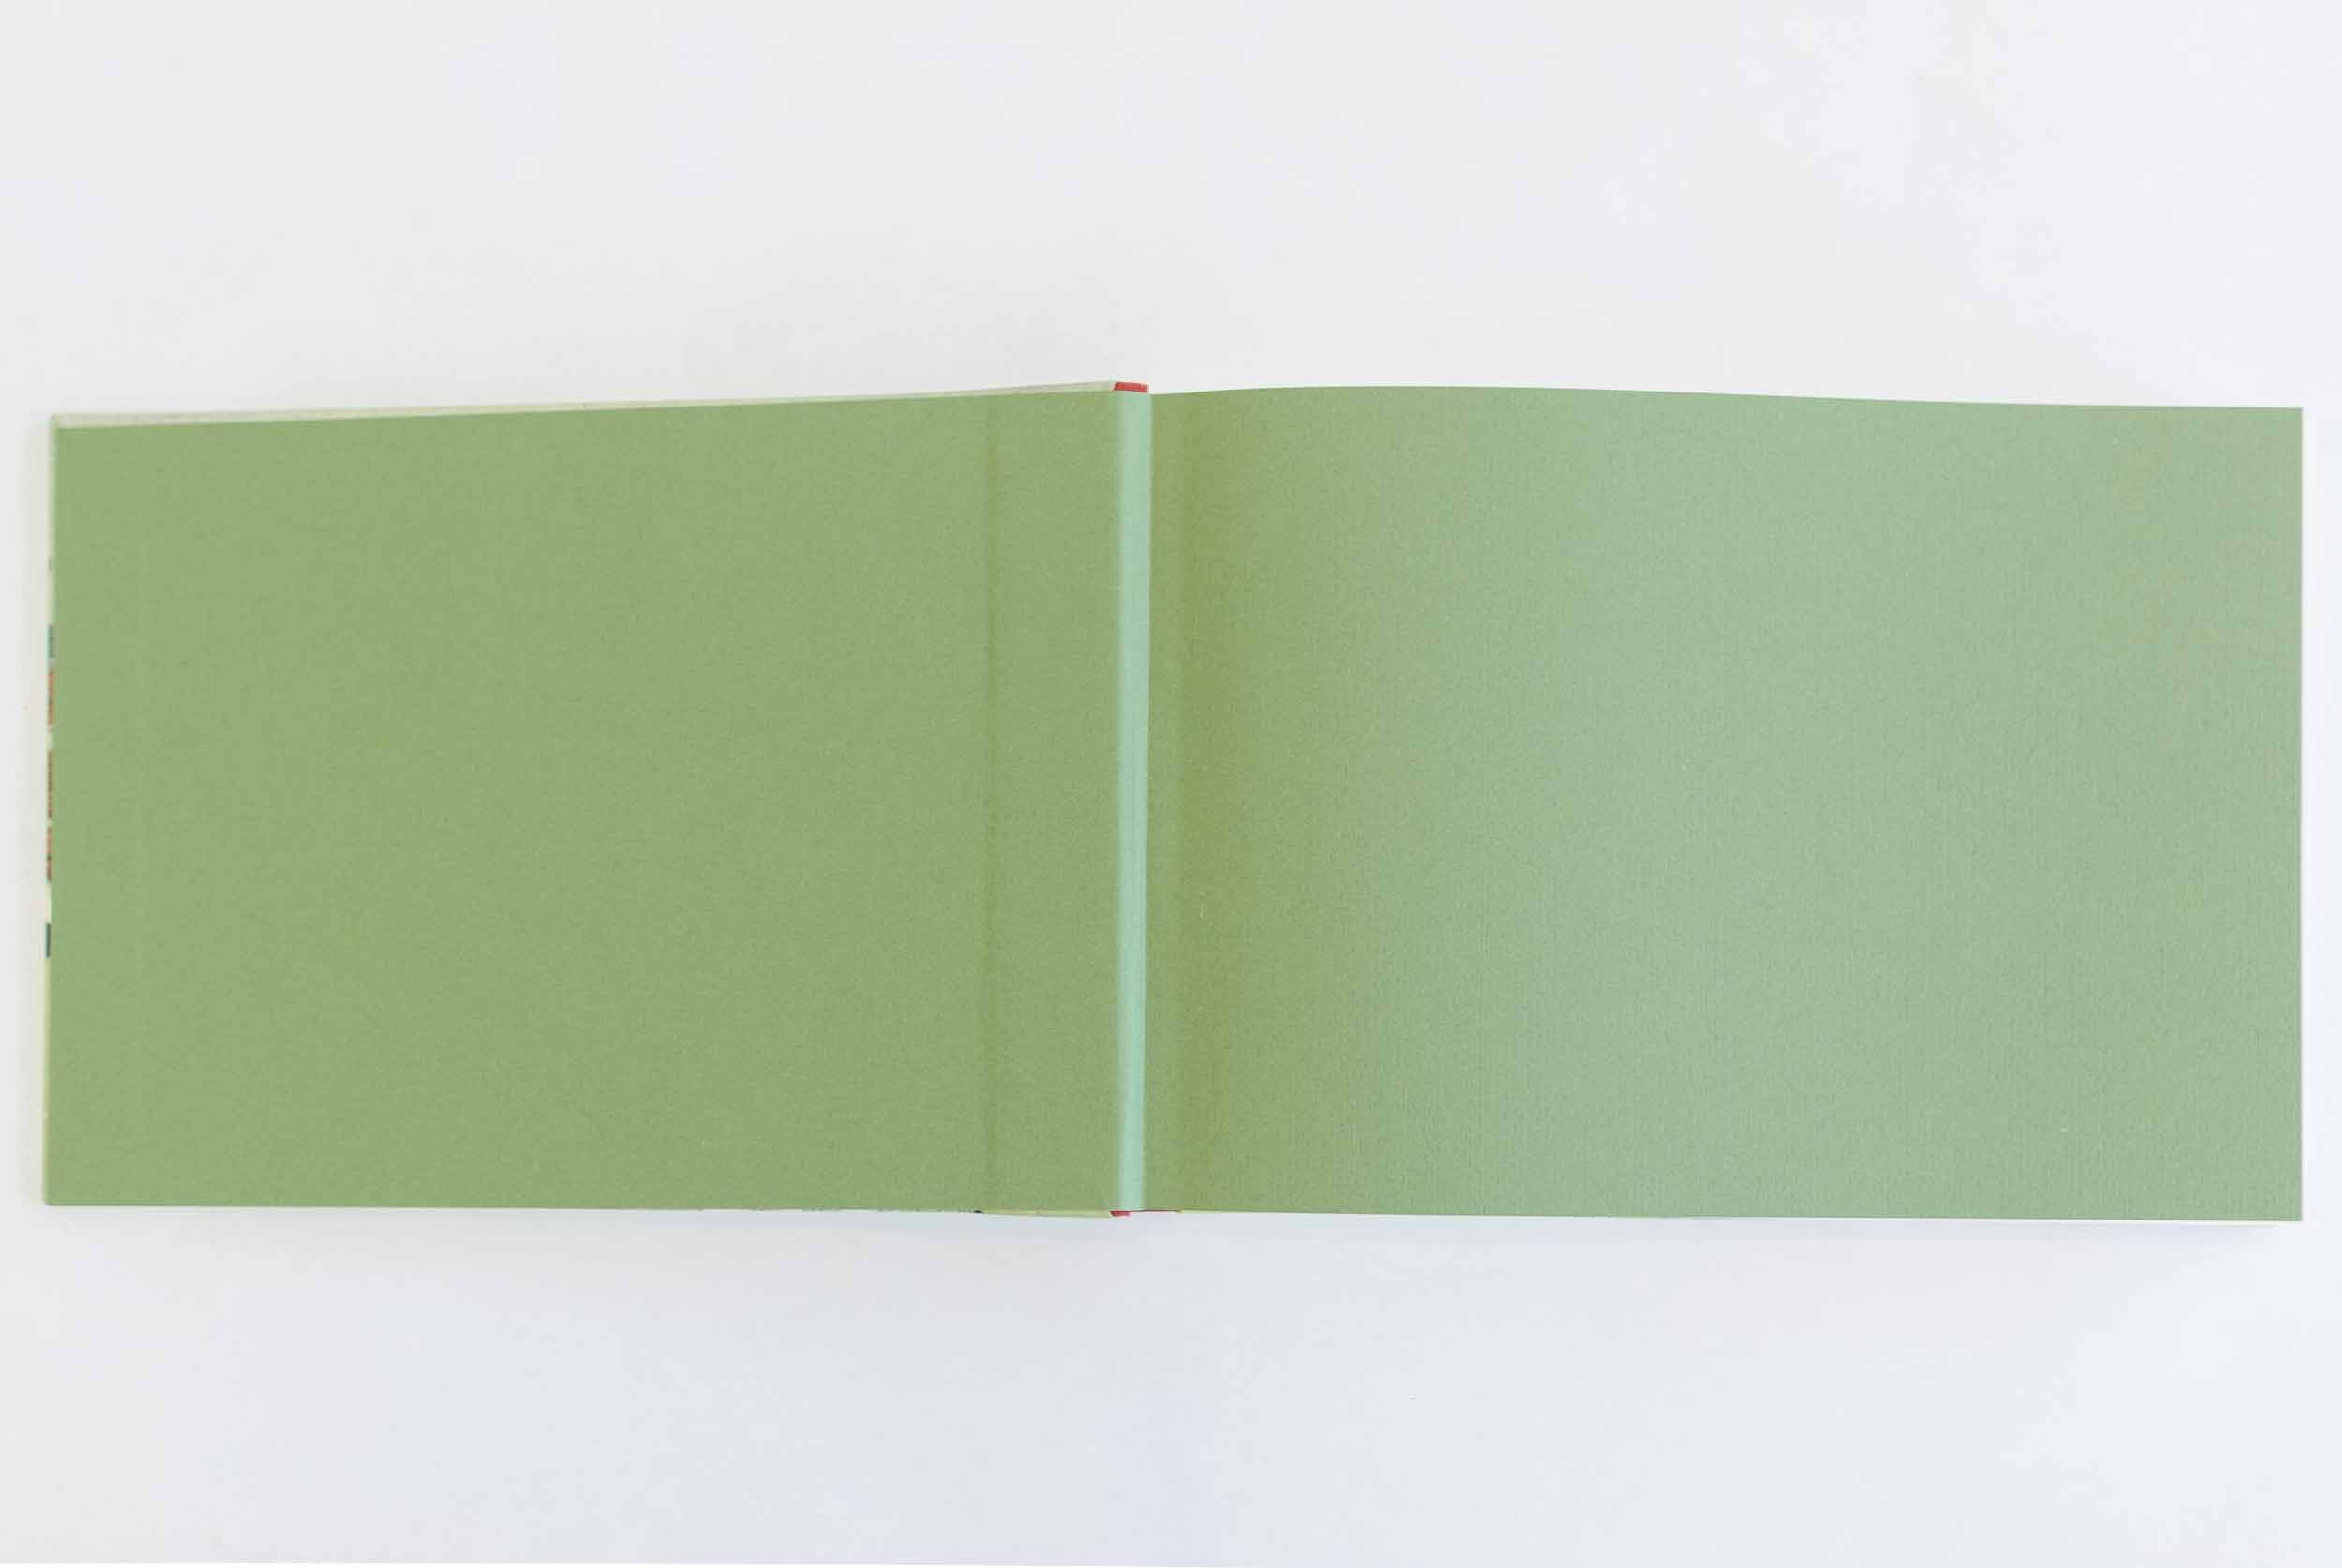 Sketchbook format, design 1 (Chinese lion), end sheets